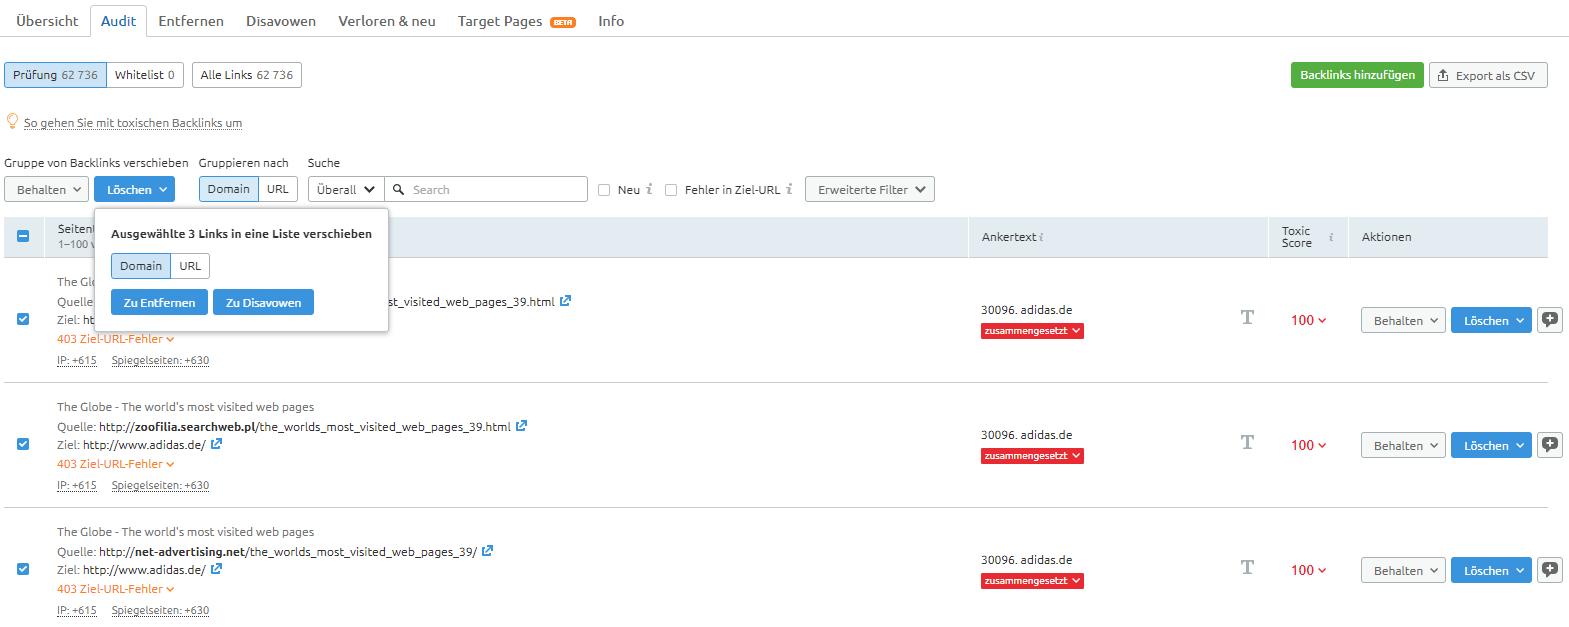 Screenshot: Backlink-Audit-Tabelle